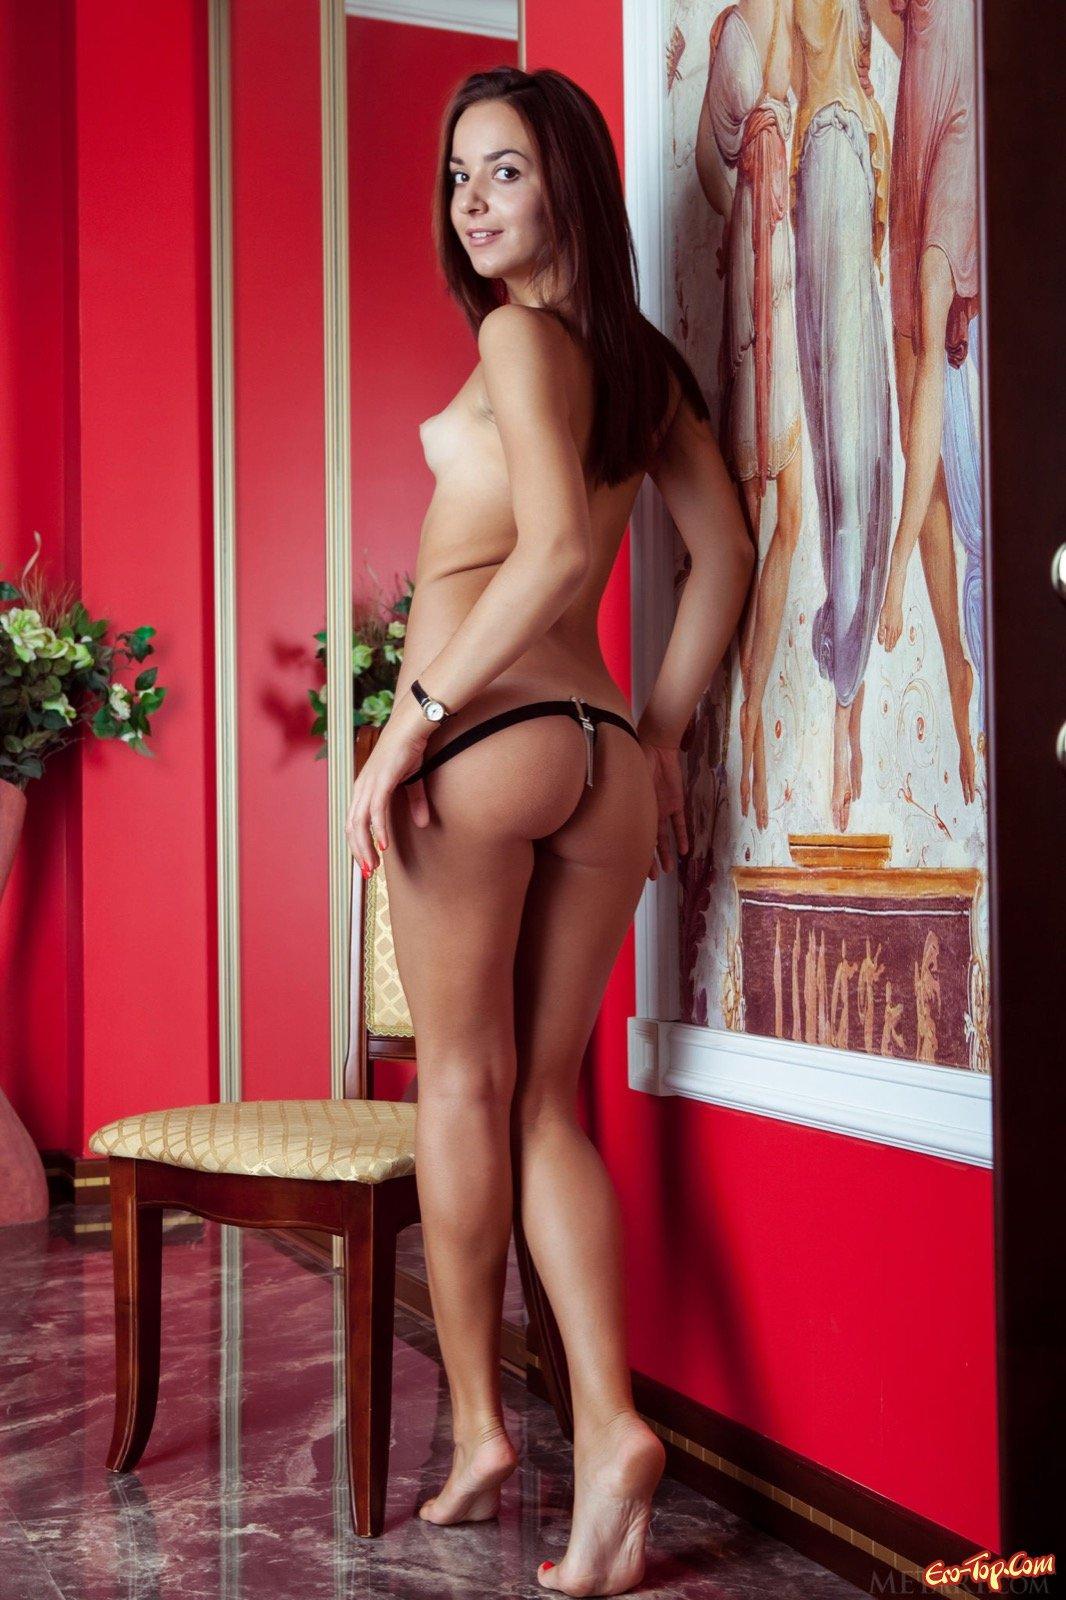 Раздевается демонстрируя груди на стульчике